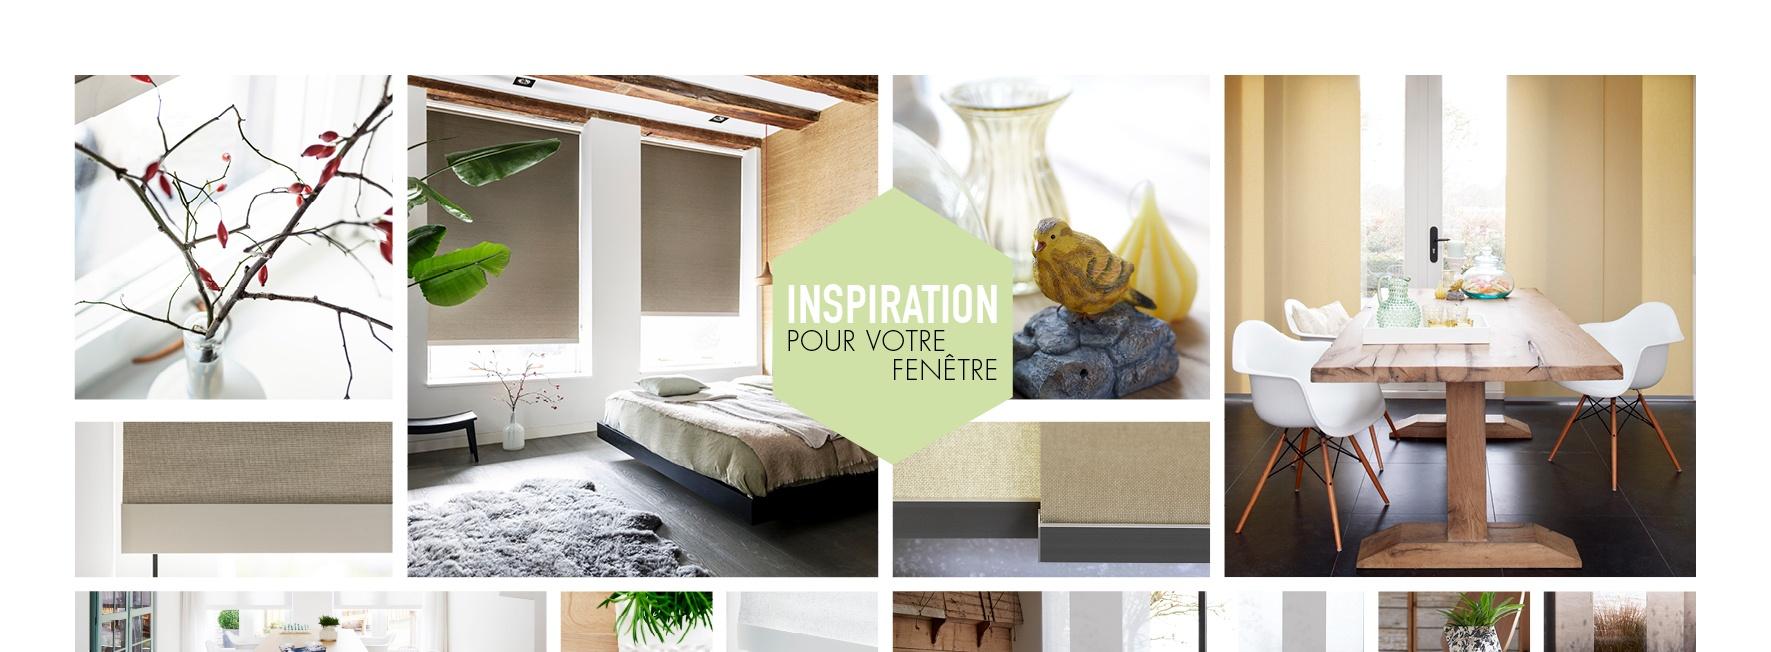 Store-Direct_www.store-direct.fr_Facebook_850x313px_FR_Seizoenen_kleur_Autumn.jpg